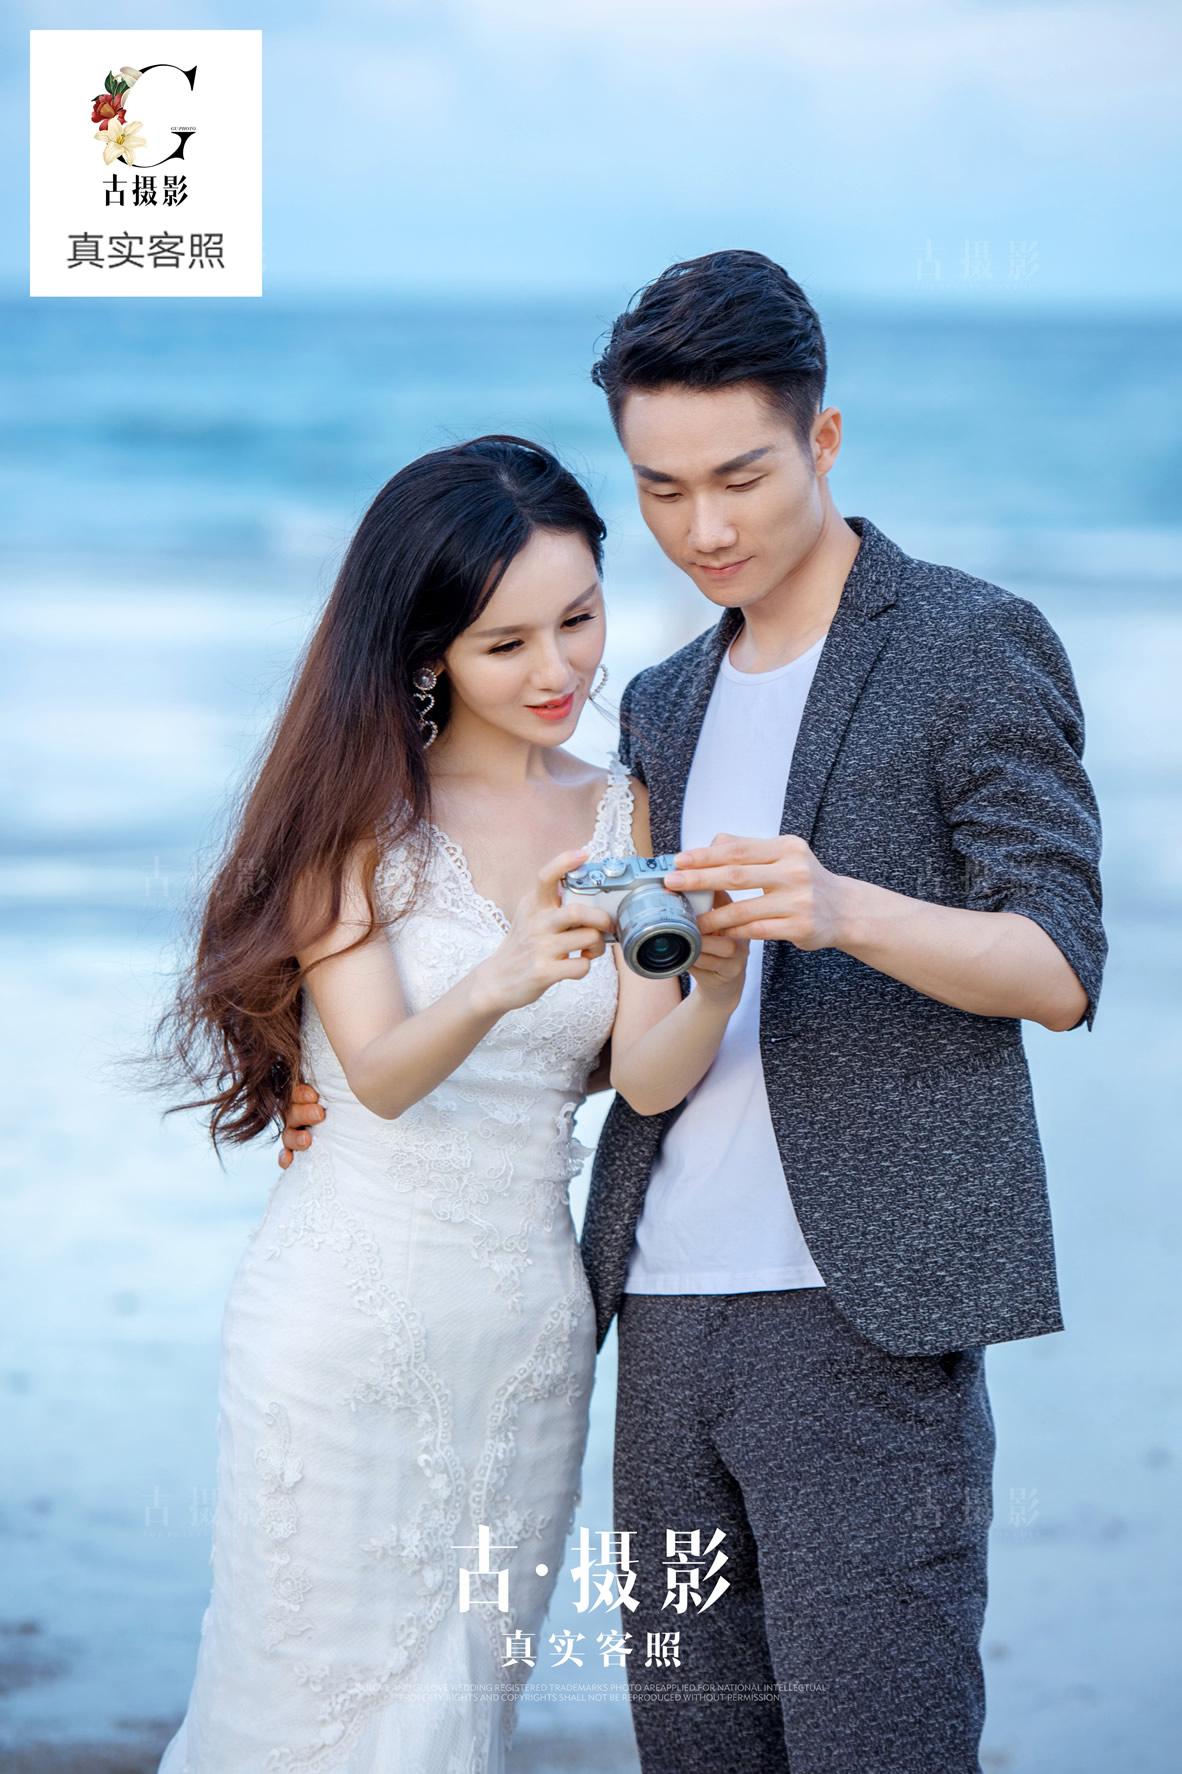 9月8日客片严先生 蓝小姐 - 每日客照 - 广州婚纱摄影-广州古摄影官网